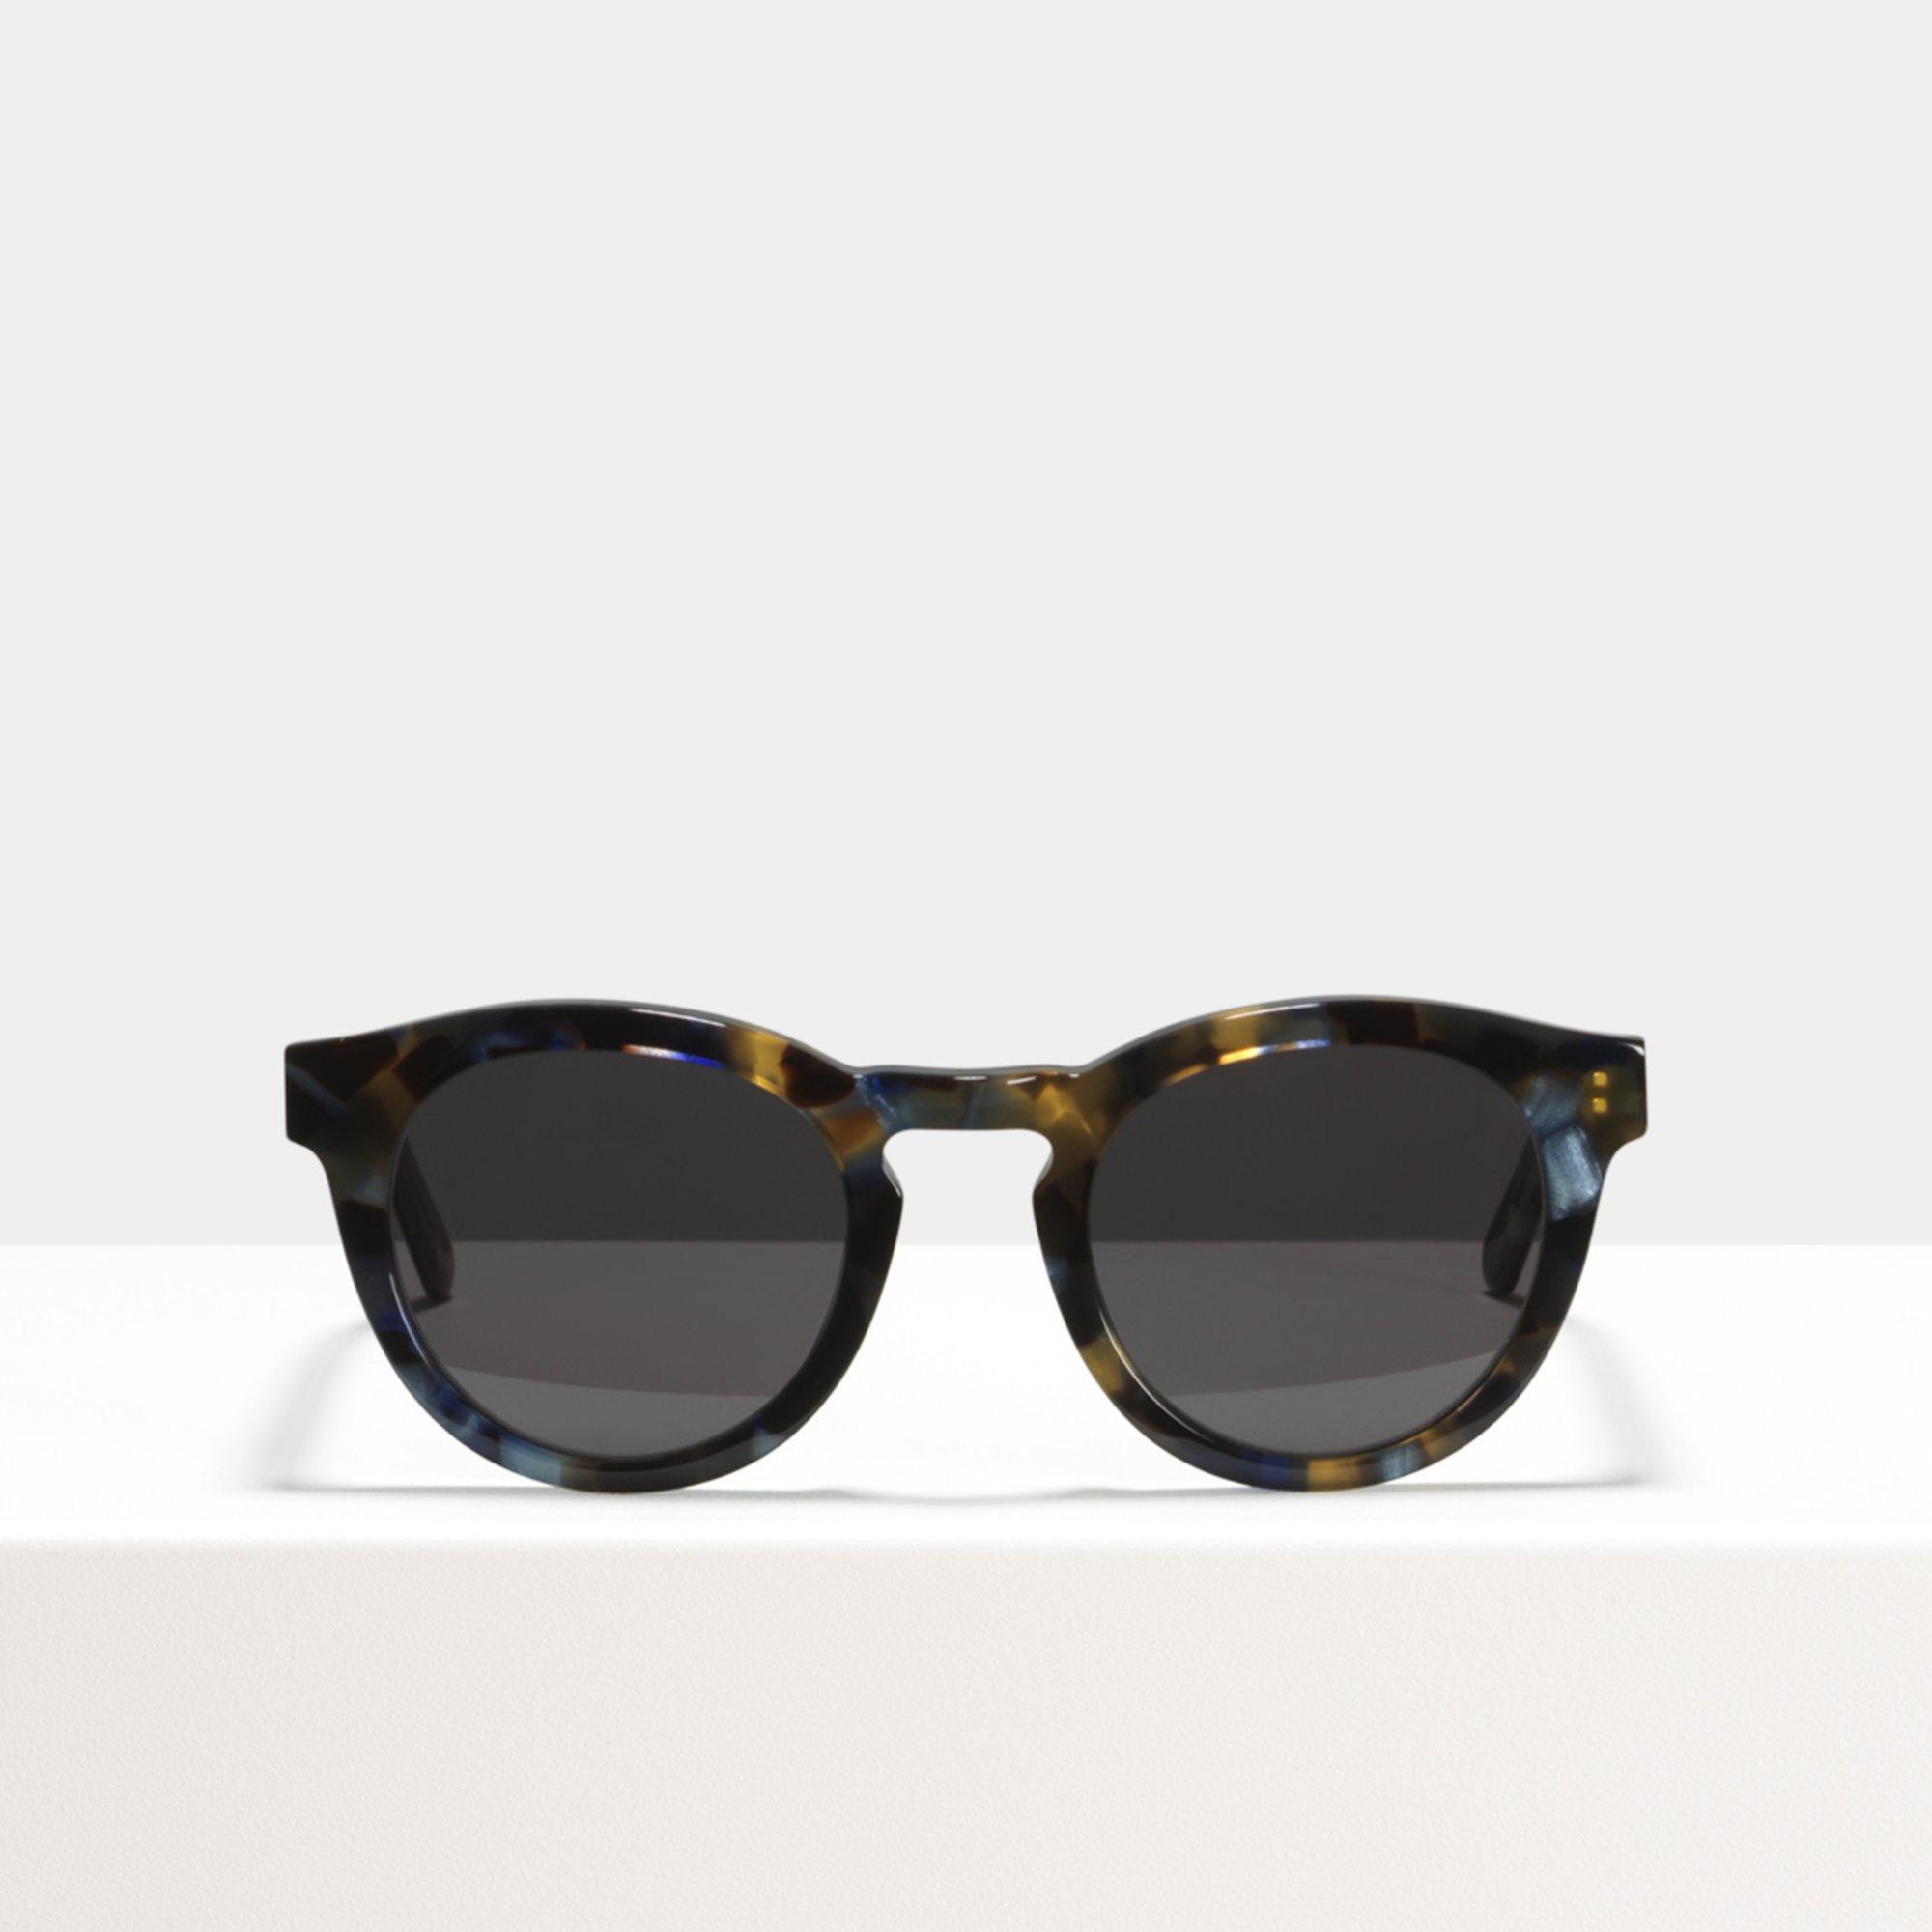 Ace & Tate Sunglasses | rund Acetat in Blau, Braun